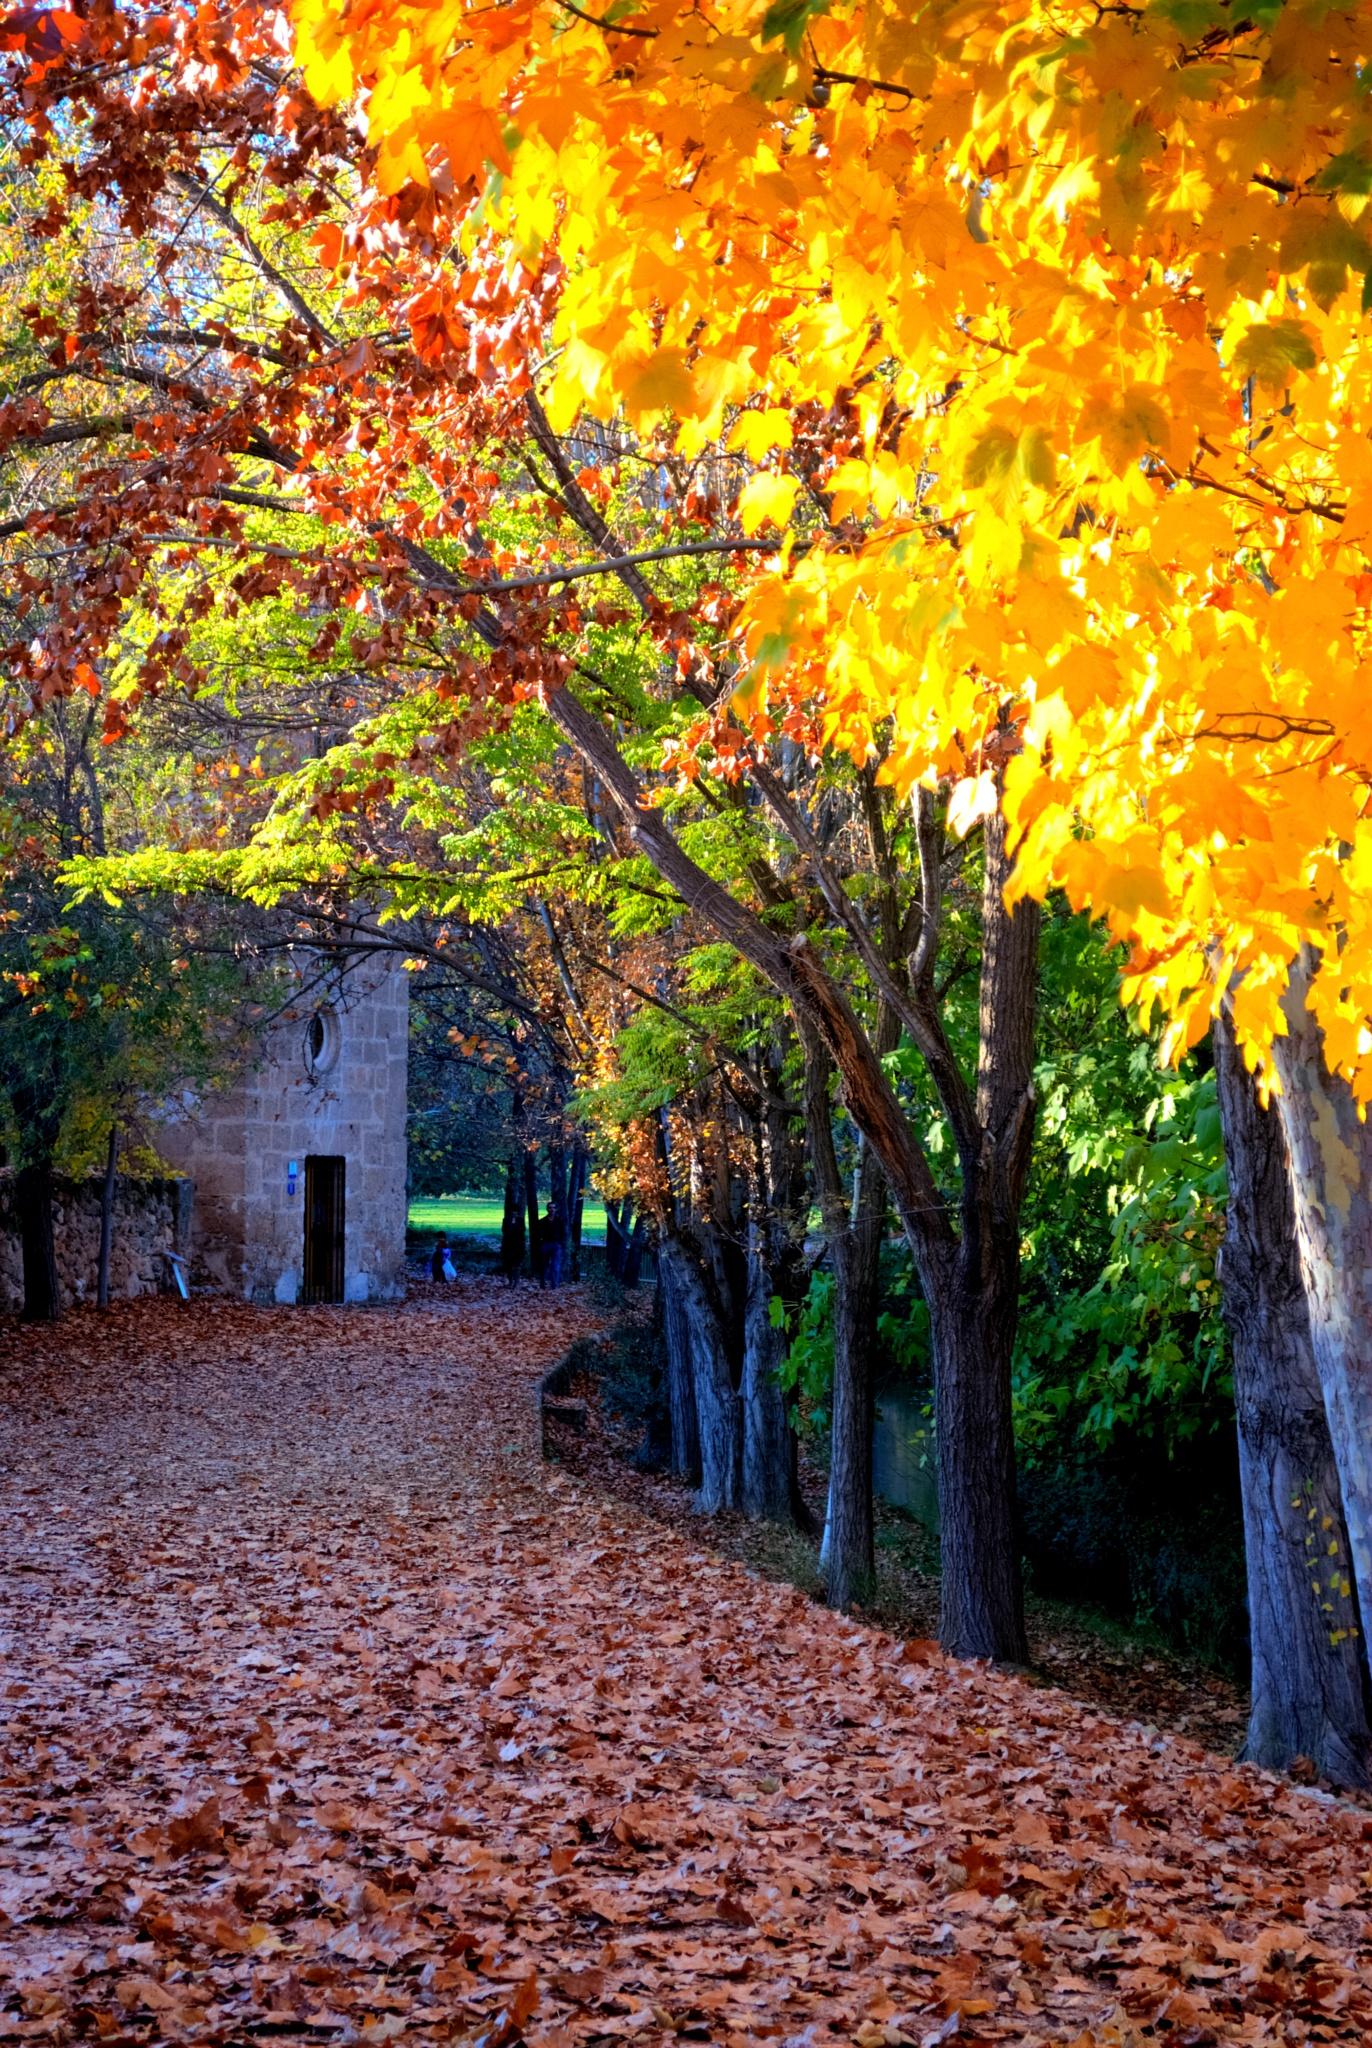 Últimas tardes de otoño - Last autumn afternoons. - Fuentes del Marqués - Caravaca de la Cruz by MiguelOnPhotography